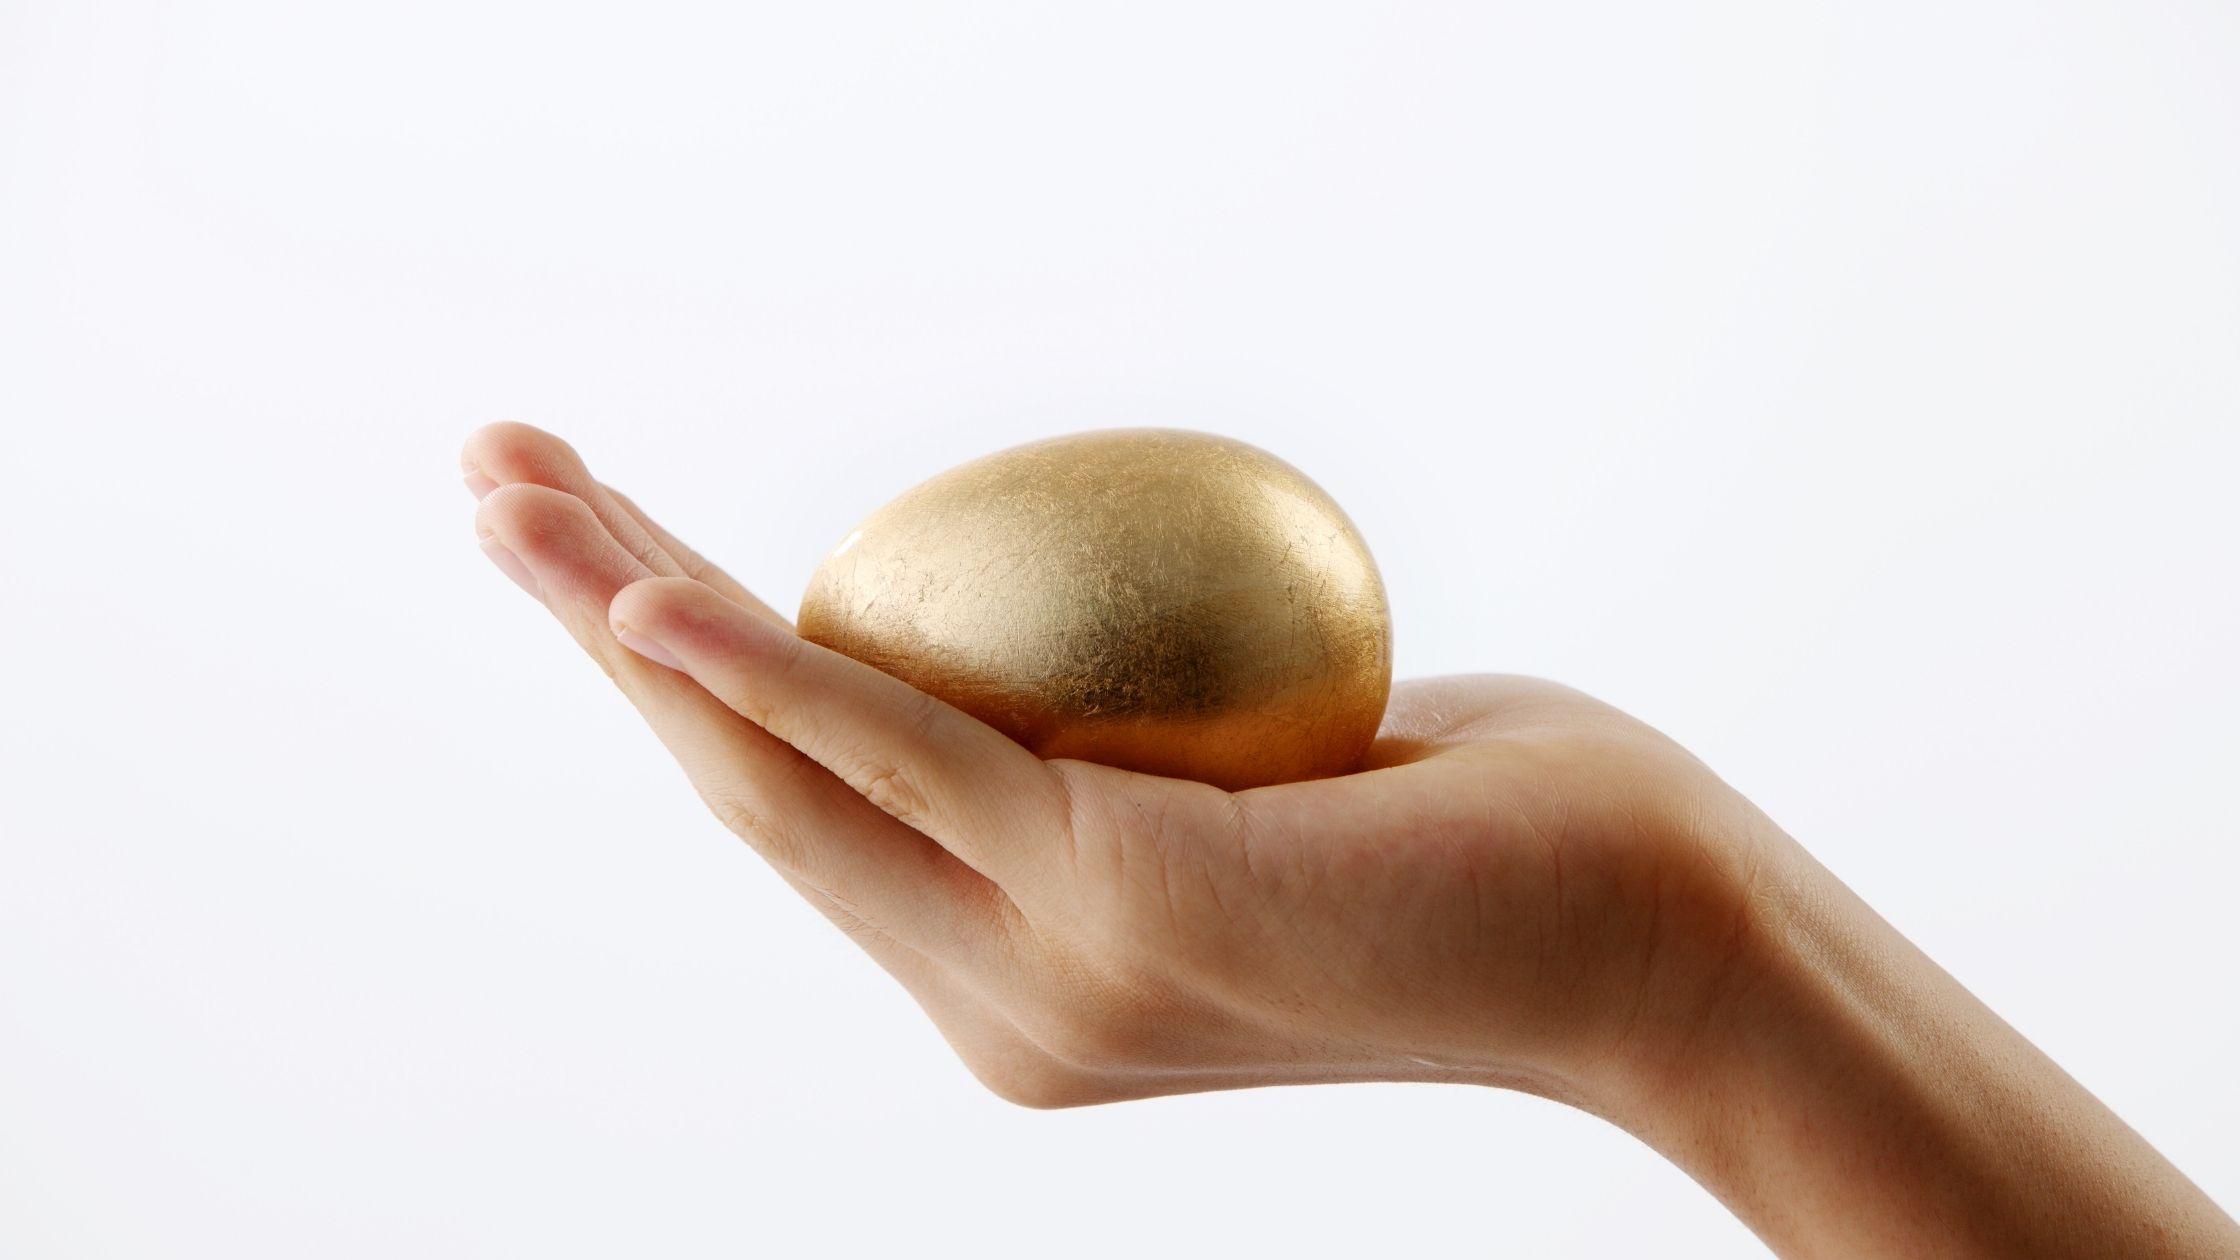 comment gagner de la richesse image montre une main de femme venant du côté inférieur droit sur fond blanc tenant sur sa paume un œuf d'or